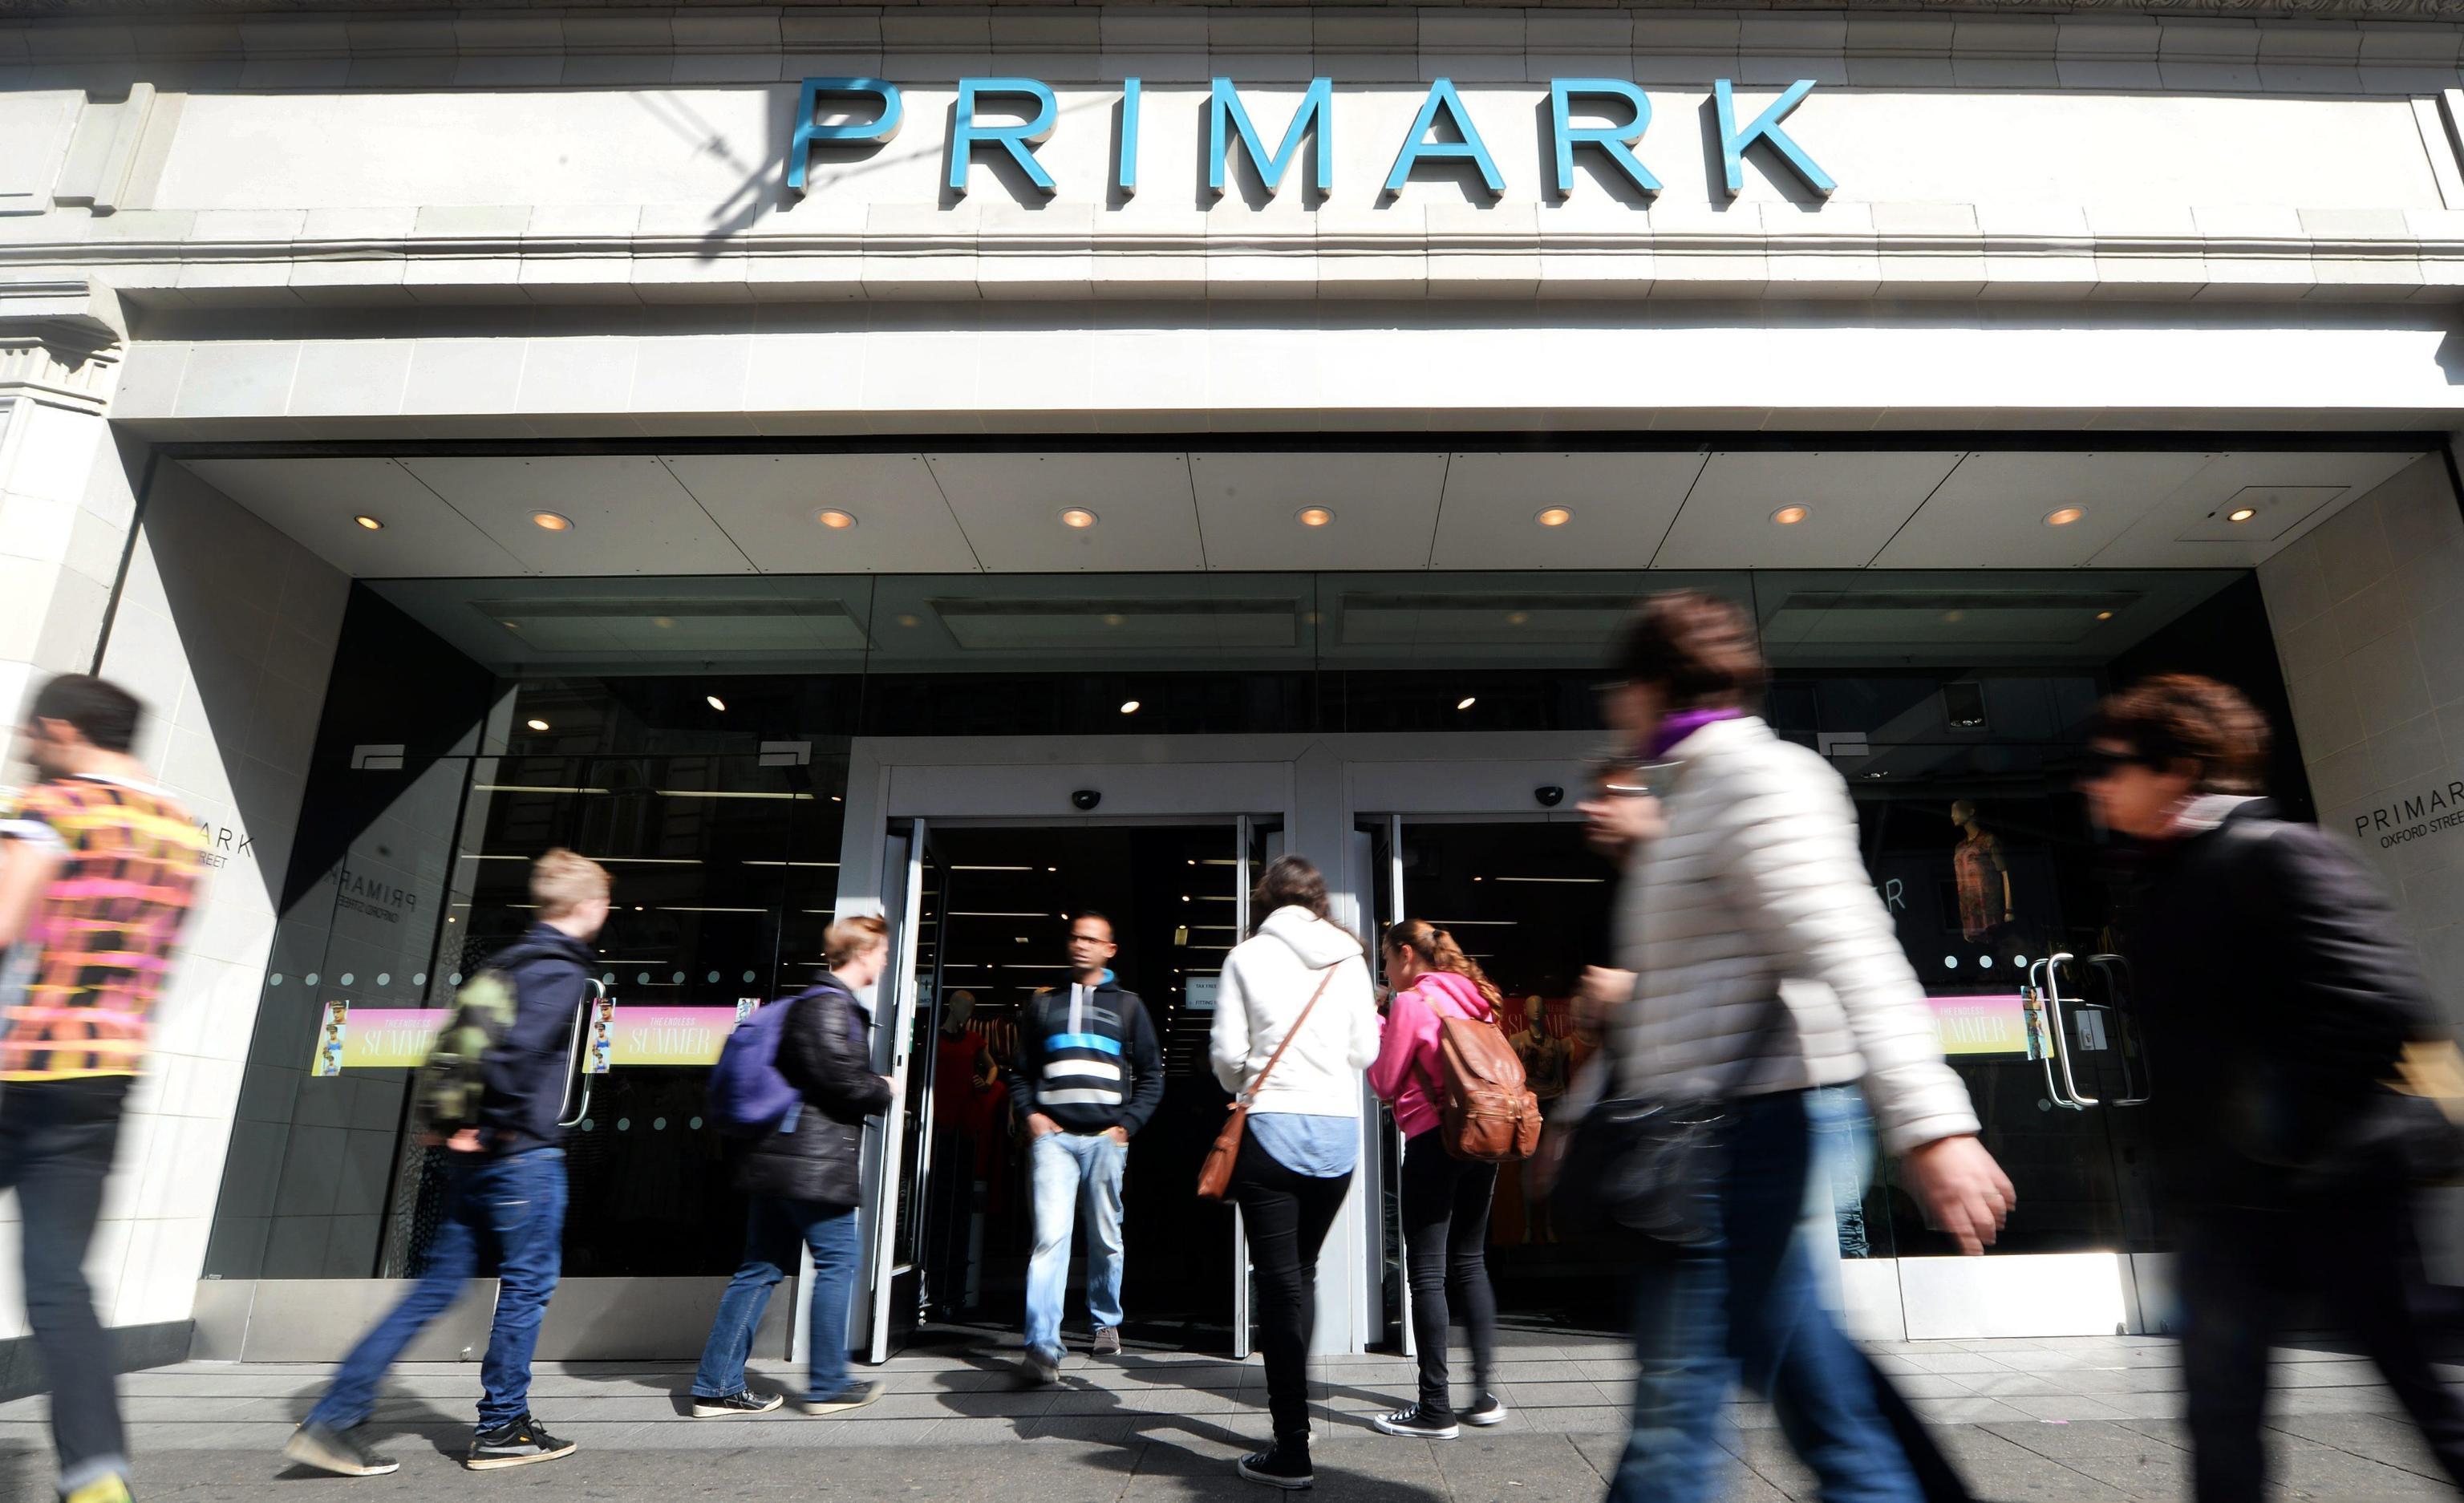 Allarme infradito, Primark ritira in Inghilterra migliaia di esemplari: sono cancerogeni